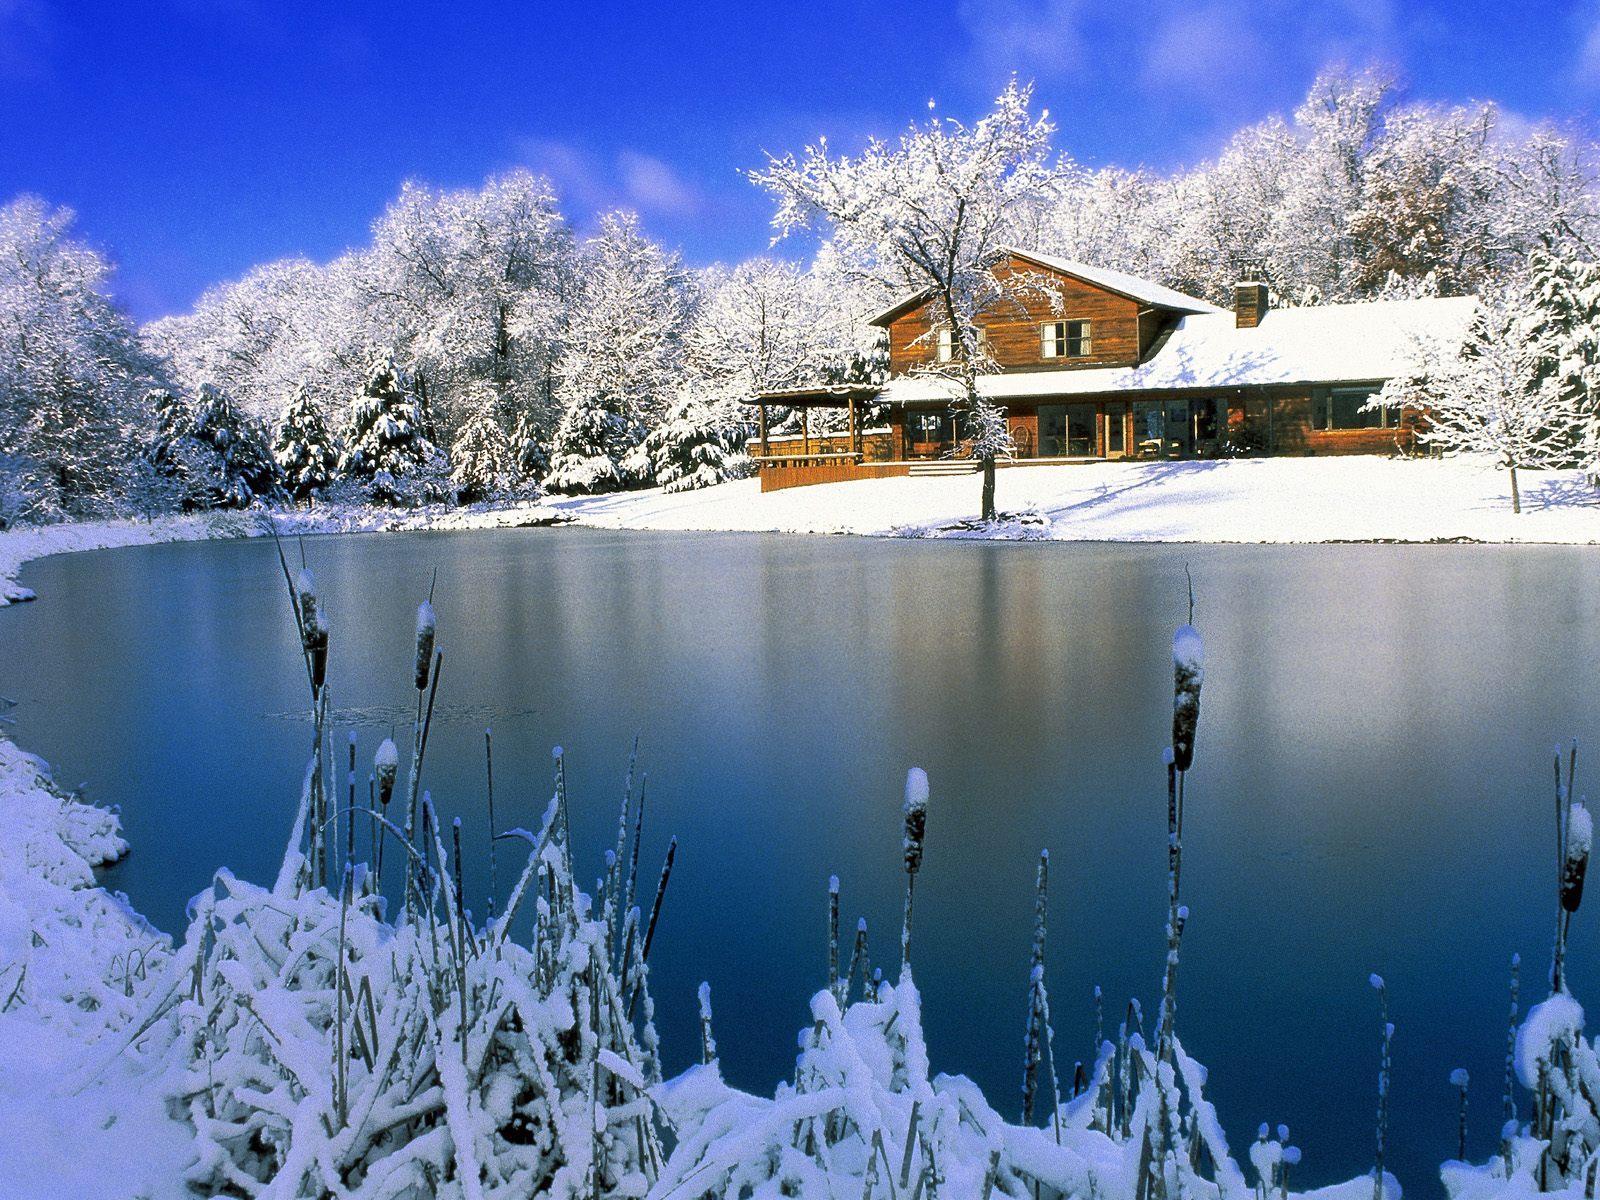 http://1.bp.blogspot.com/-p49YvObgaC0/TamPfRhF5MI/AAAAAAAACqc/OIdOkmh38RU/s1600/winter%252Bscenes%252B1%252B%252525289%25252529.jpg